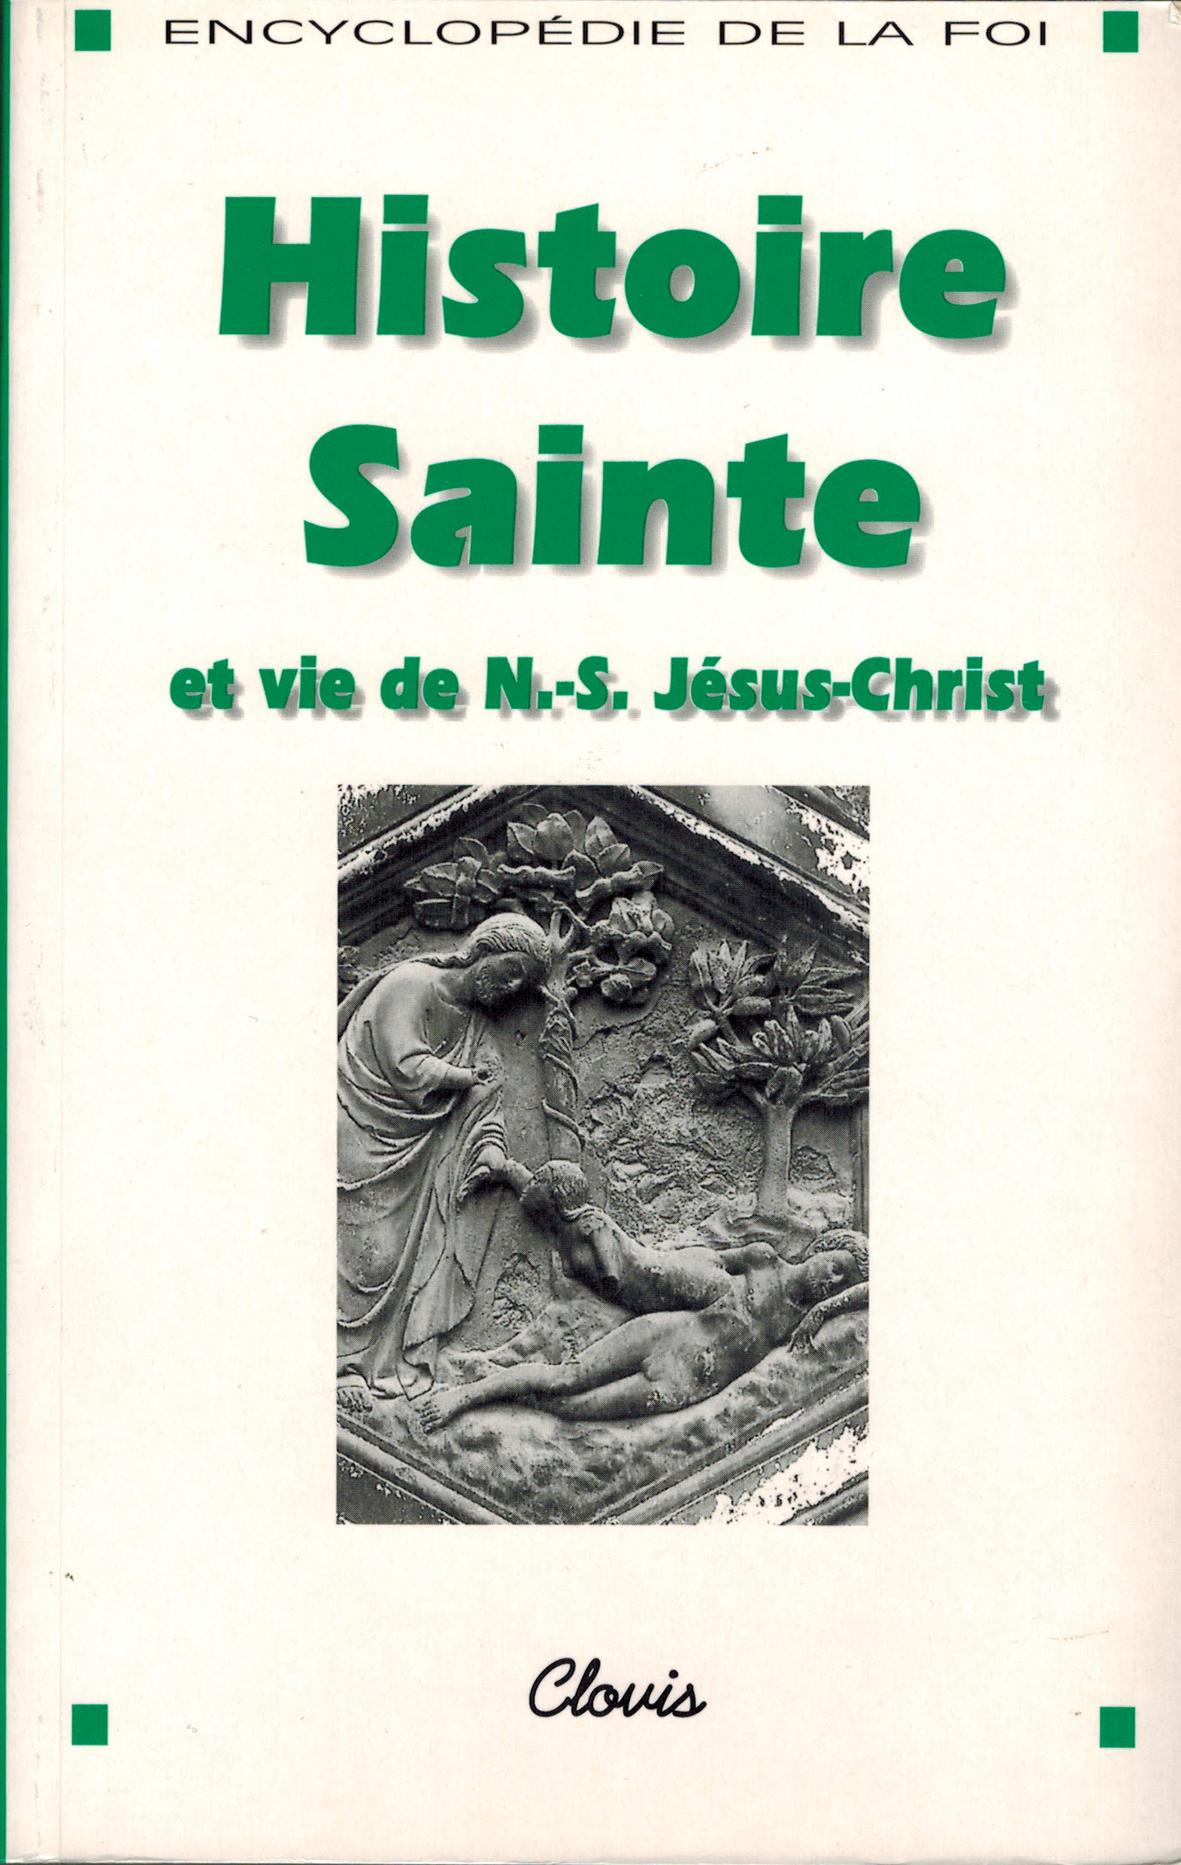 HISTOIRE SAINTE ET VIE DE NOTRE-SEIGNEUR JESUS-CHRIST (ENCYCLOPEDIE DE LA FOI)